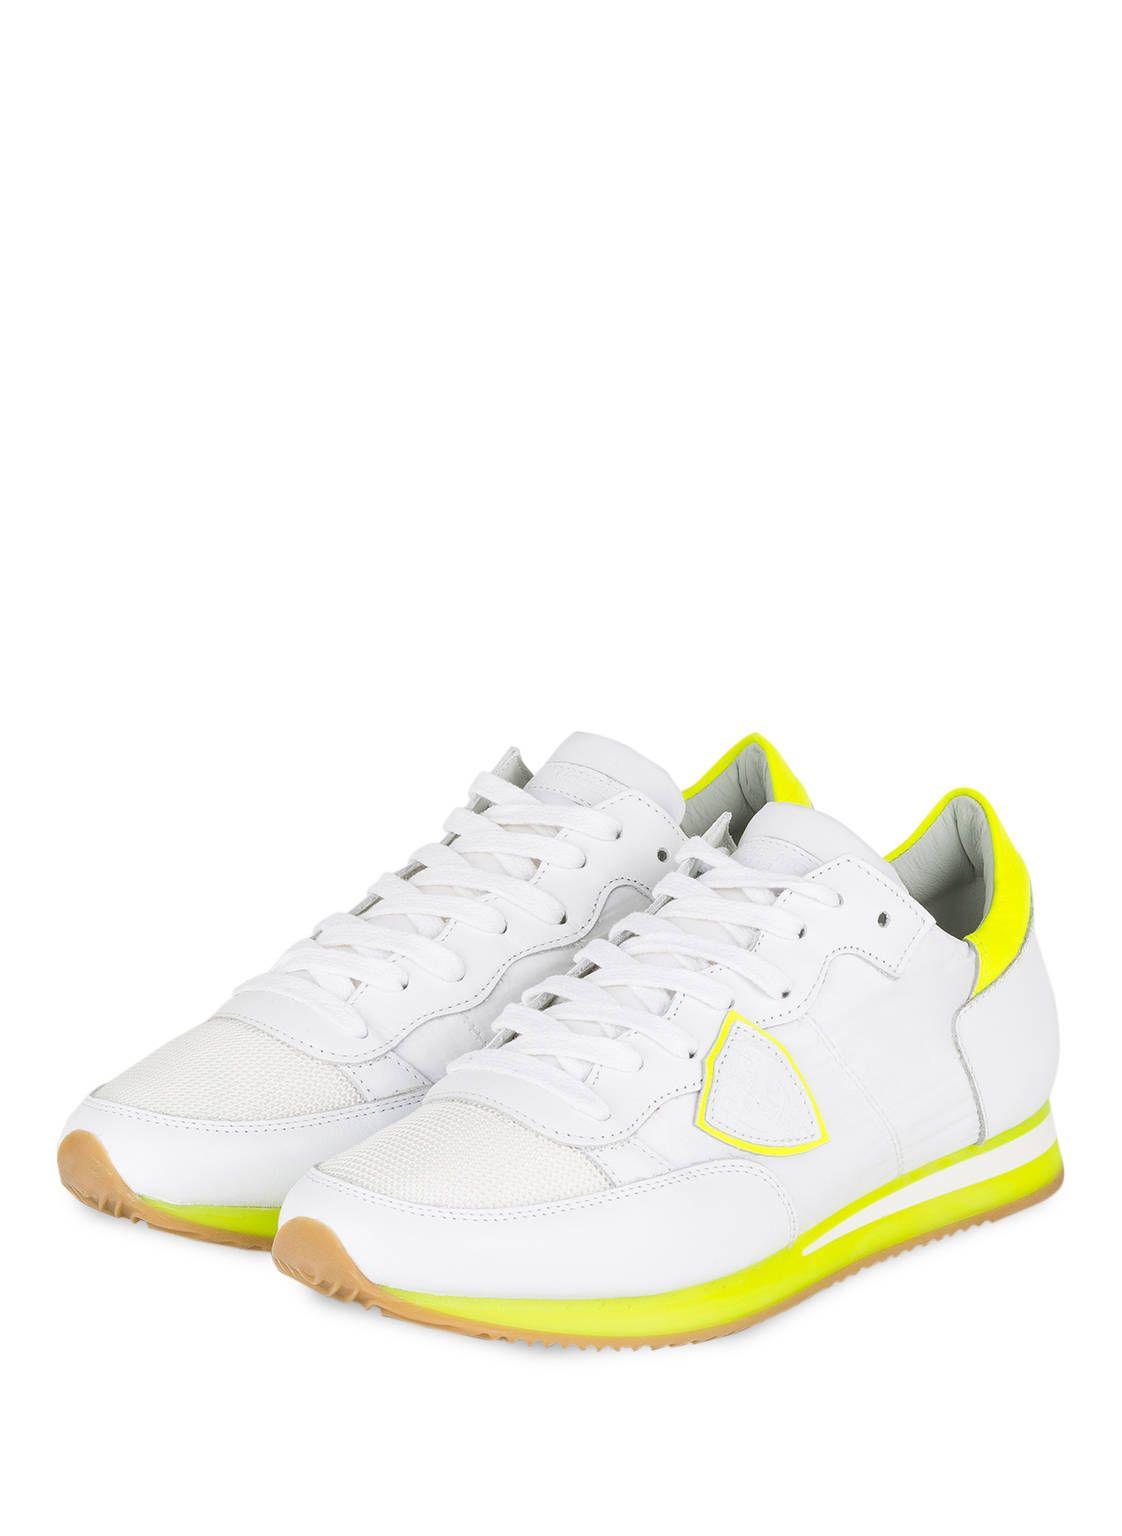 41++ Sneaker damen neon gelb Sammlung